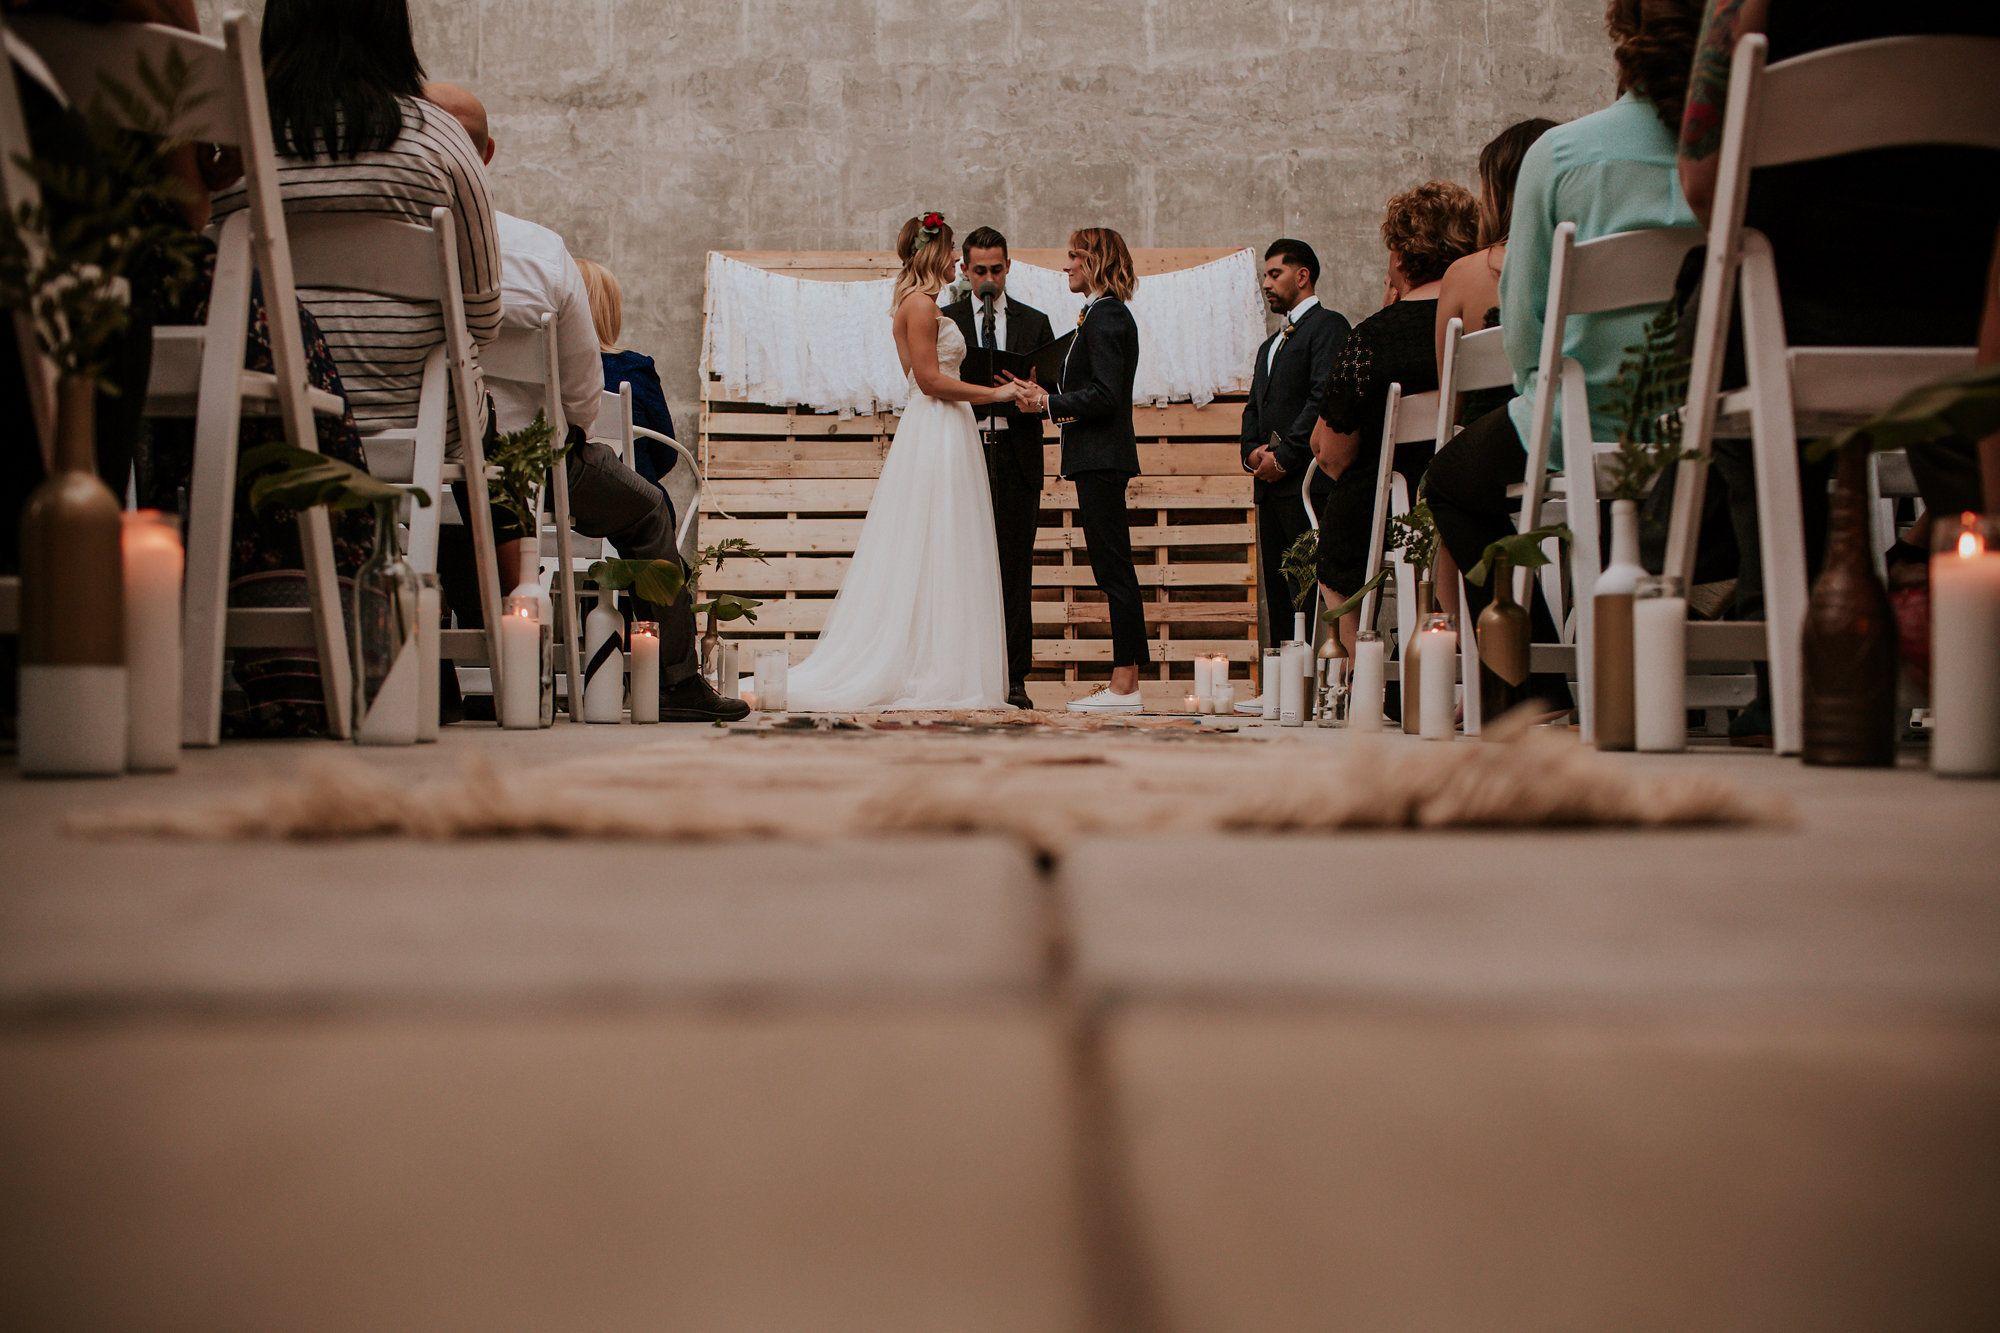 свадебные фотографы калифорния был случай, когда